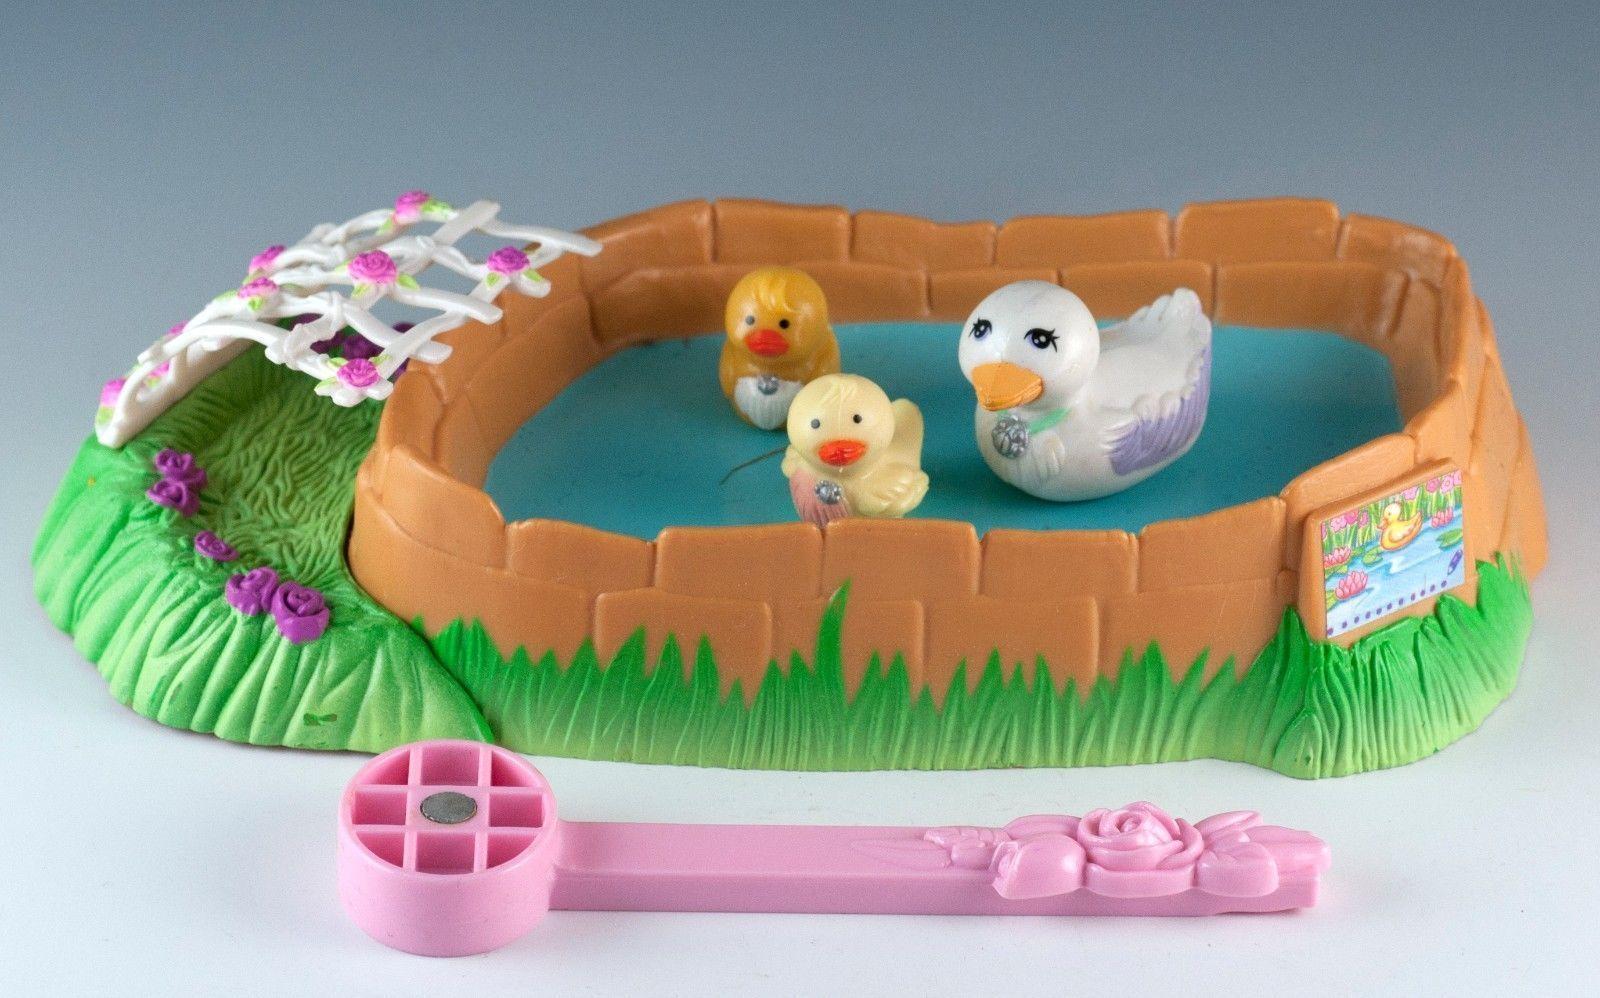 Vintage Littlest PET Shop Swimming Ducklings With Pondside